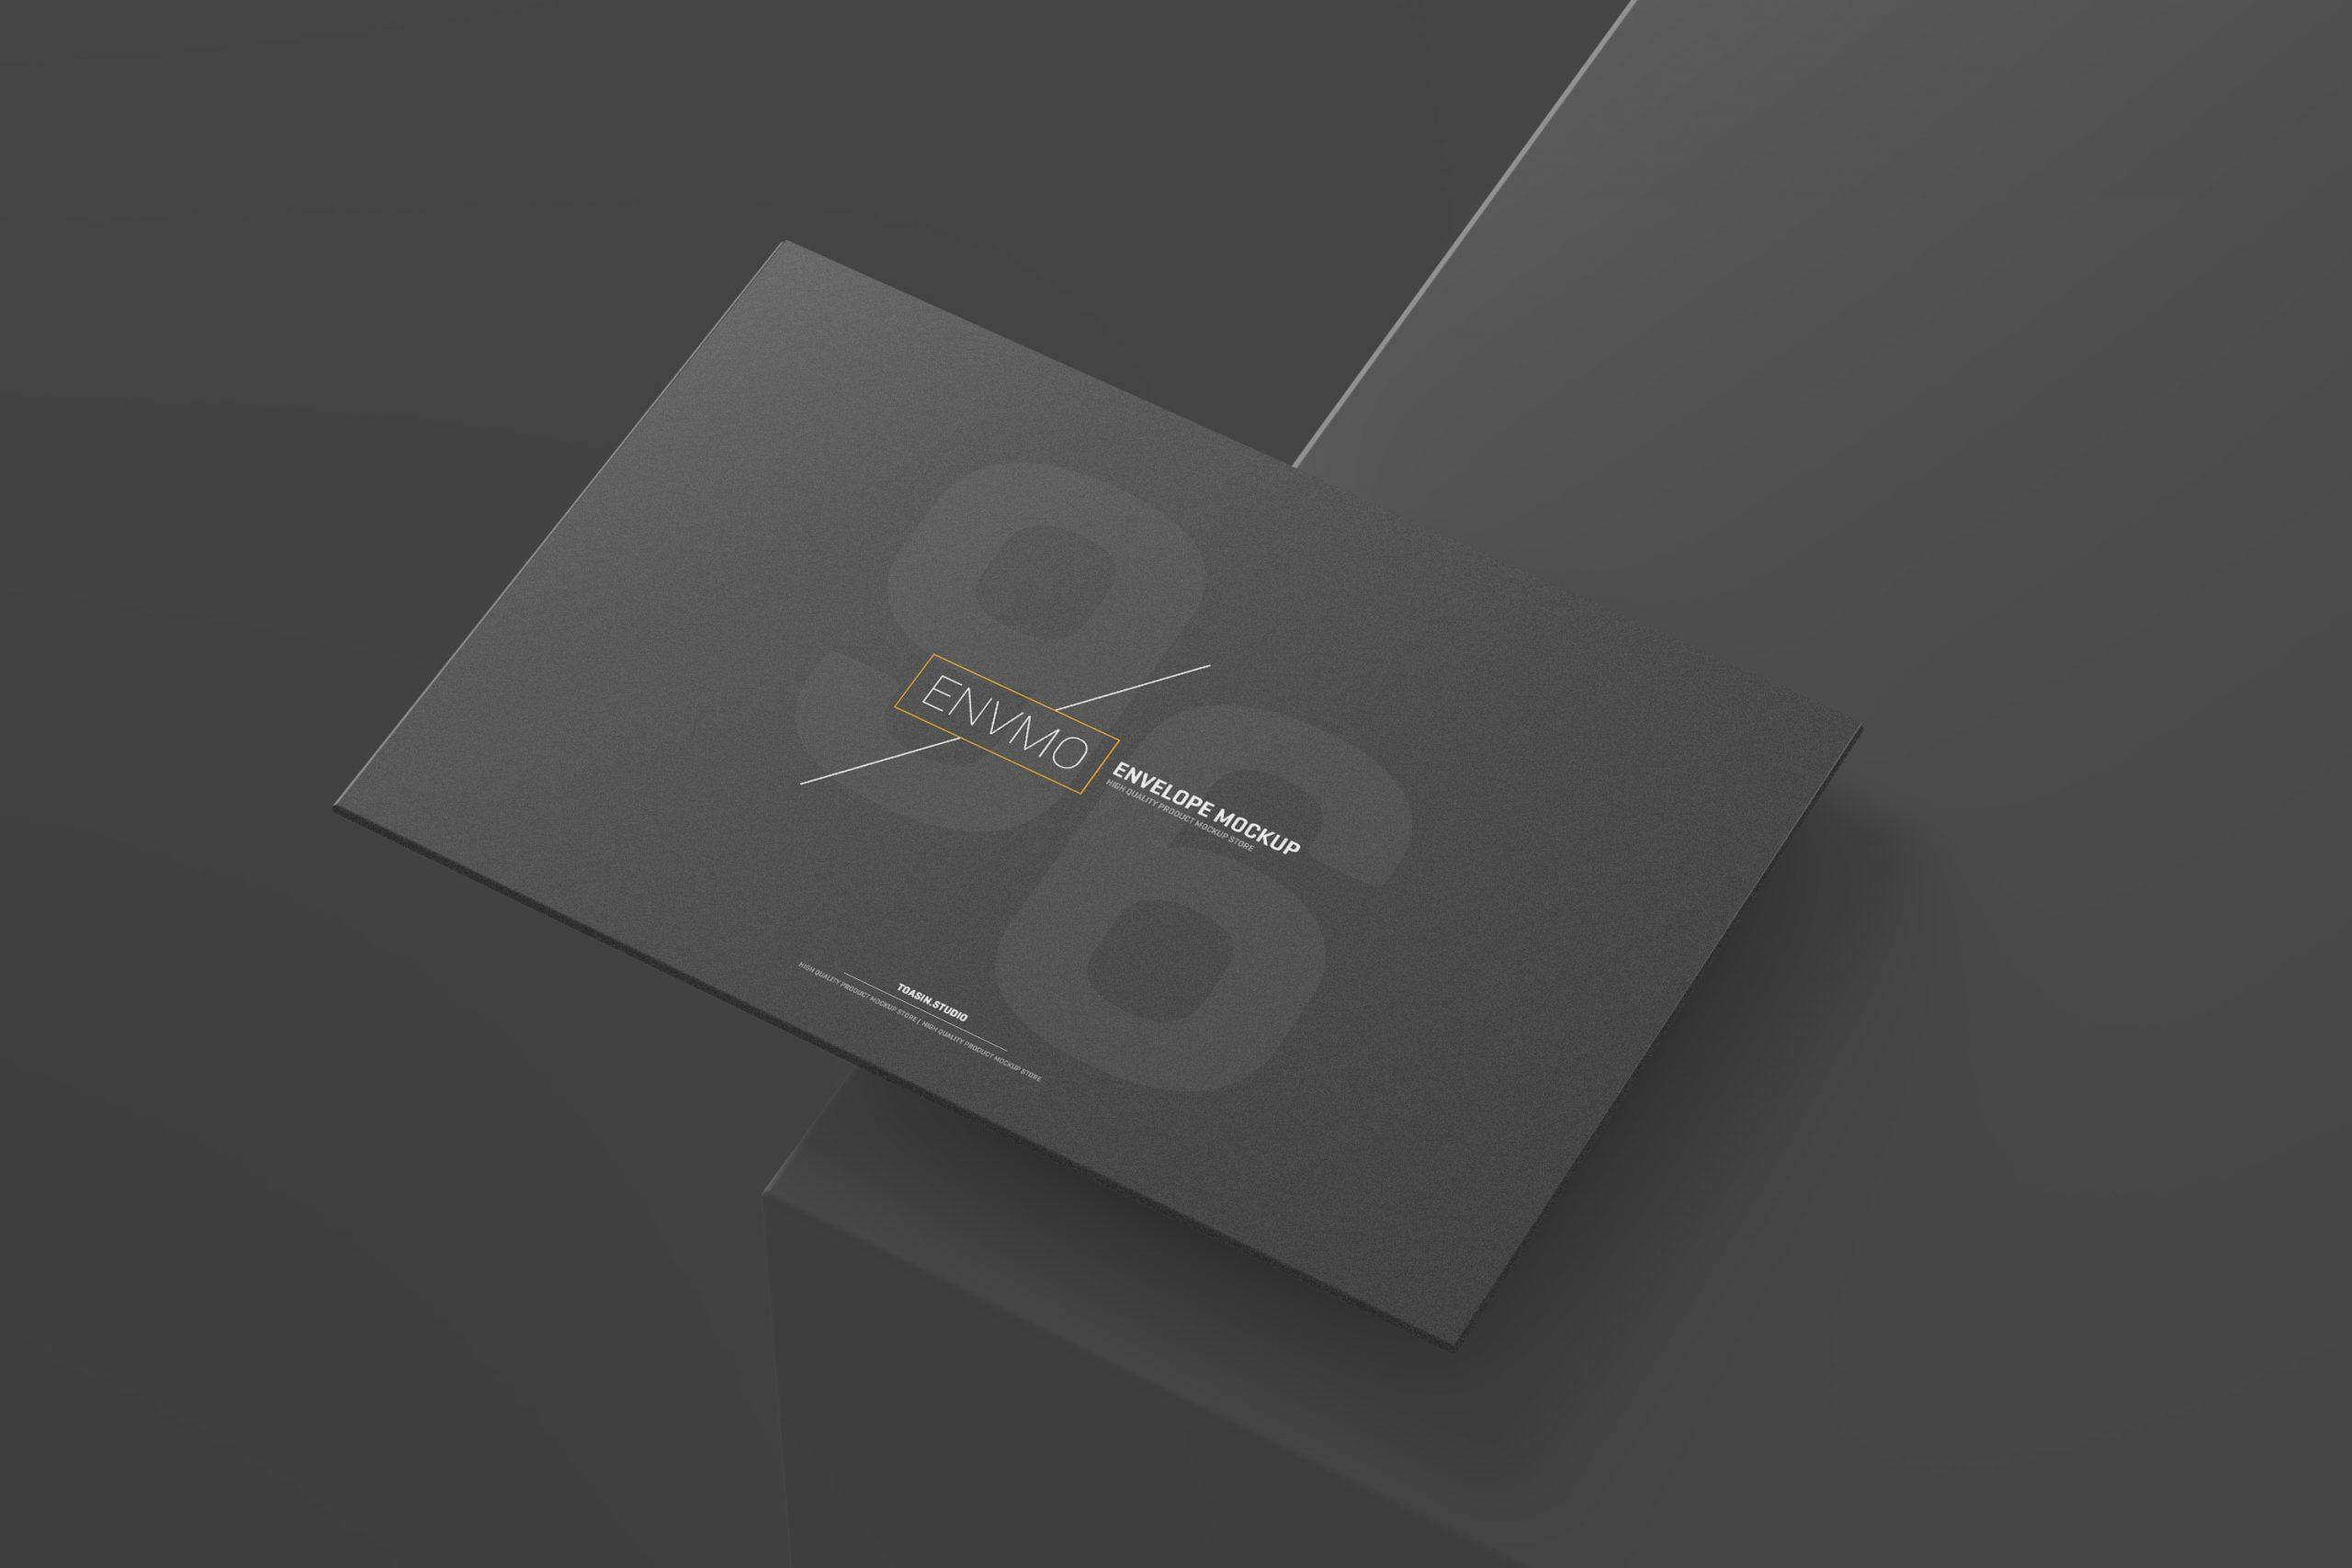 Envelope Mockup – 6×9 Inch